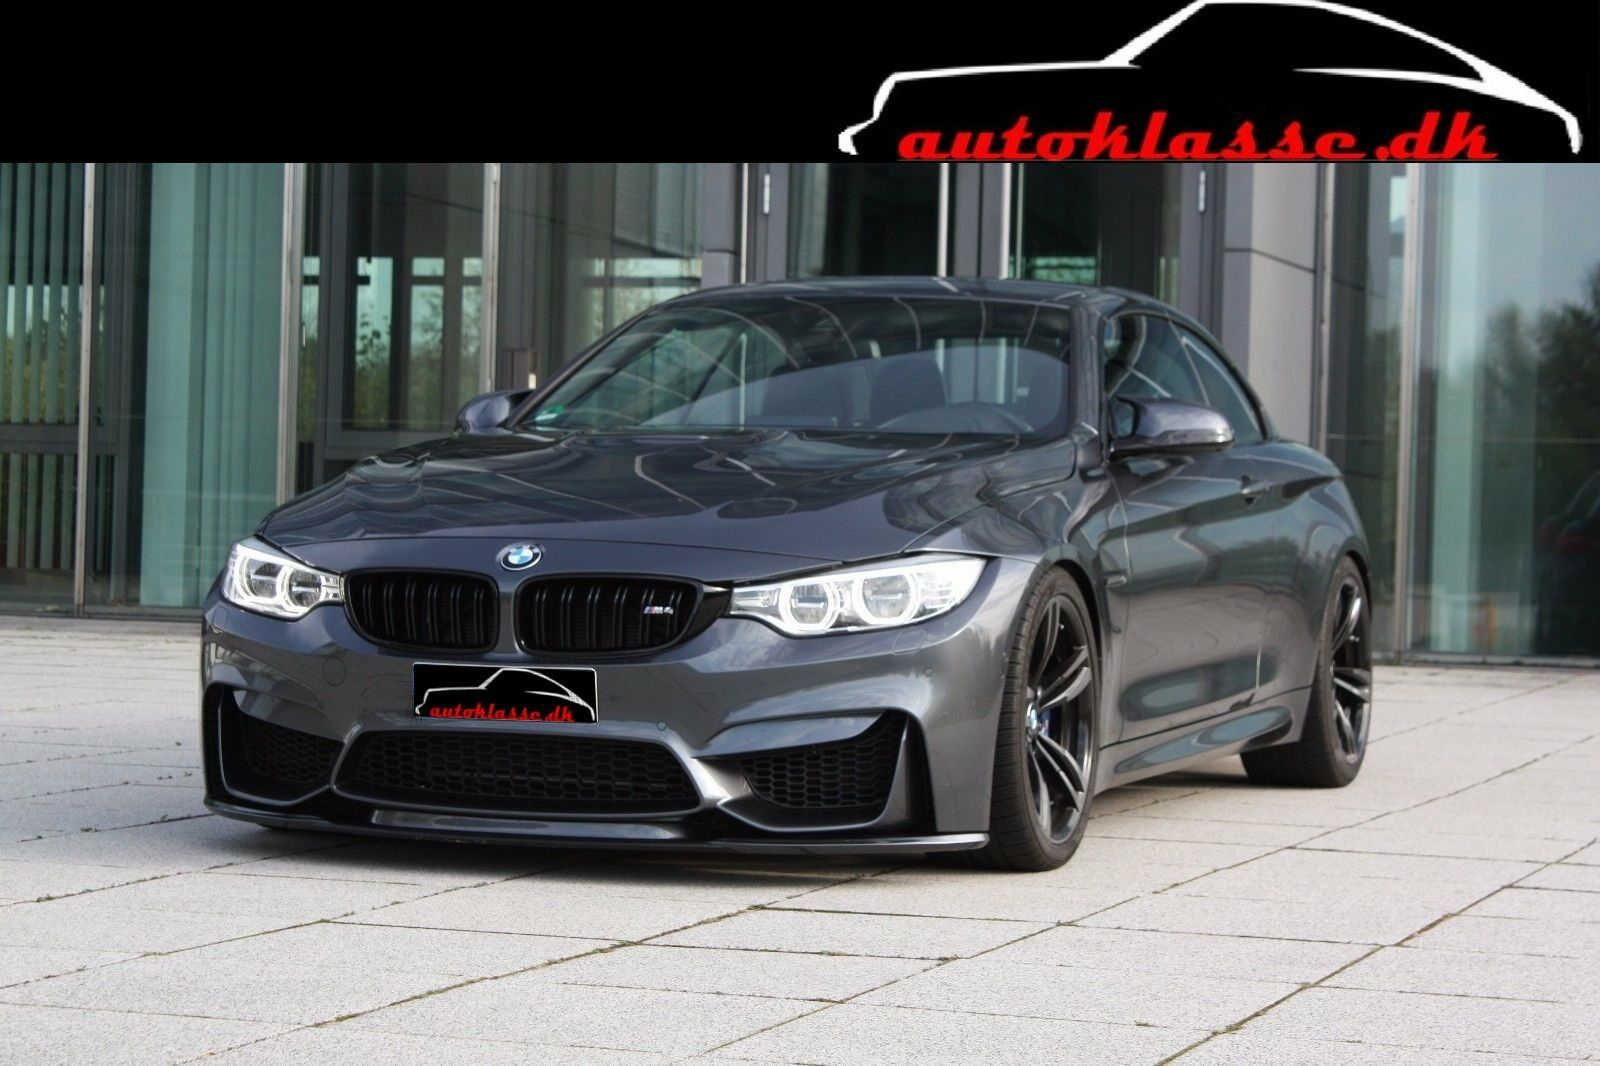 BMW M4 3,0 Cabriolet aut. 2d